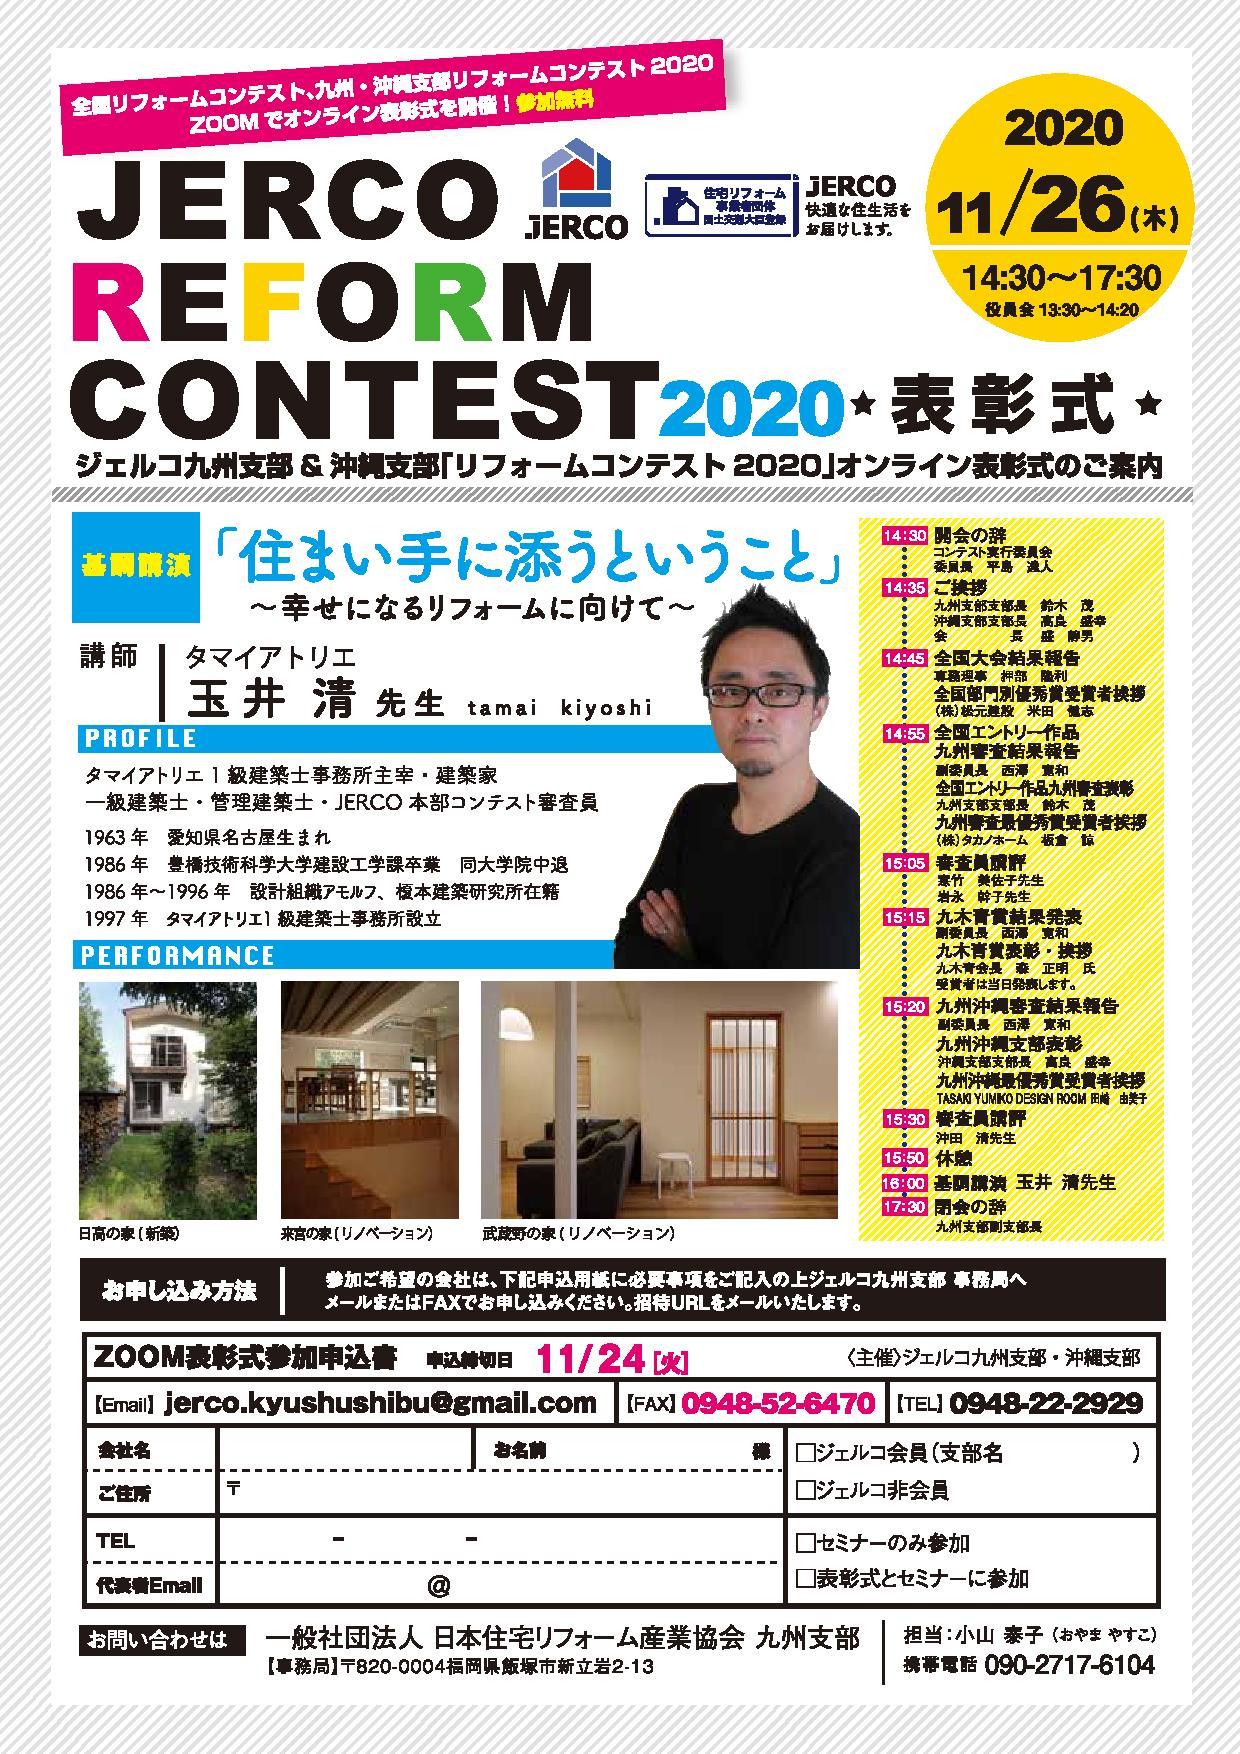 2020年11月26日(木)ジェルコリフォームコンテスト2020九州支部表彰式